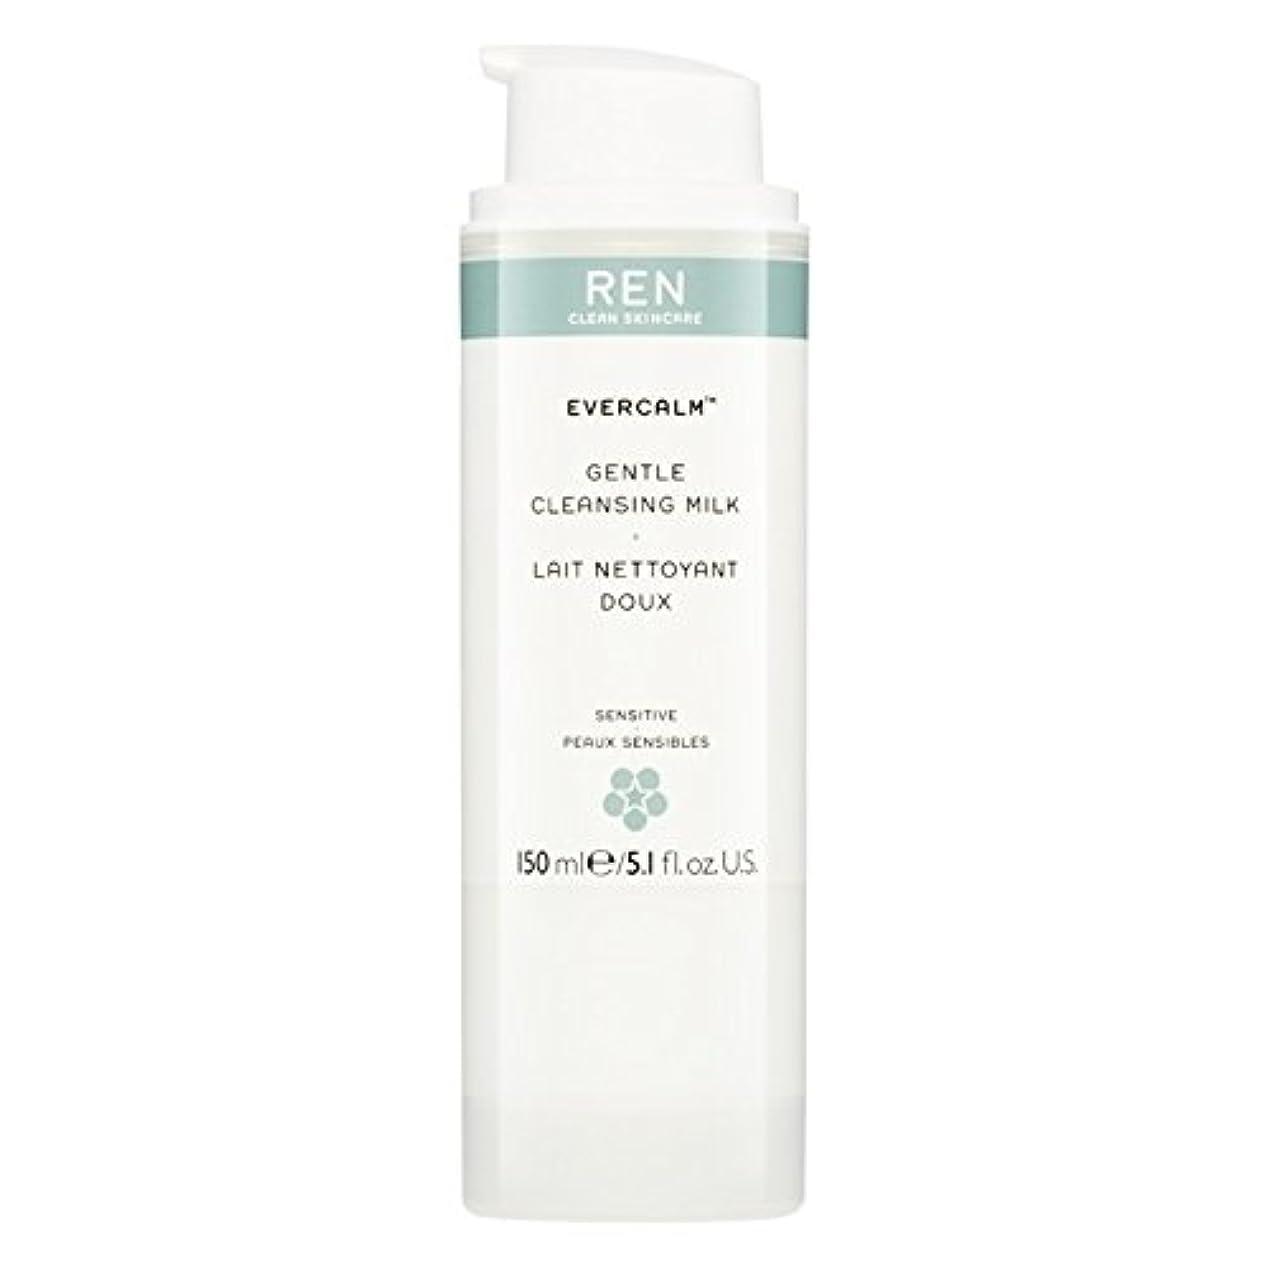 ゲージ首謀者使用法Ren Evercalm優しいクレンジングミルク、150ミリリットル (REN) - REN Evercalm Gentle Cleansing Milk, 150ml [並行輸入品]